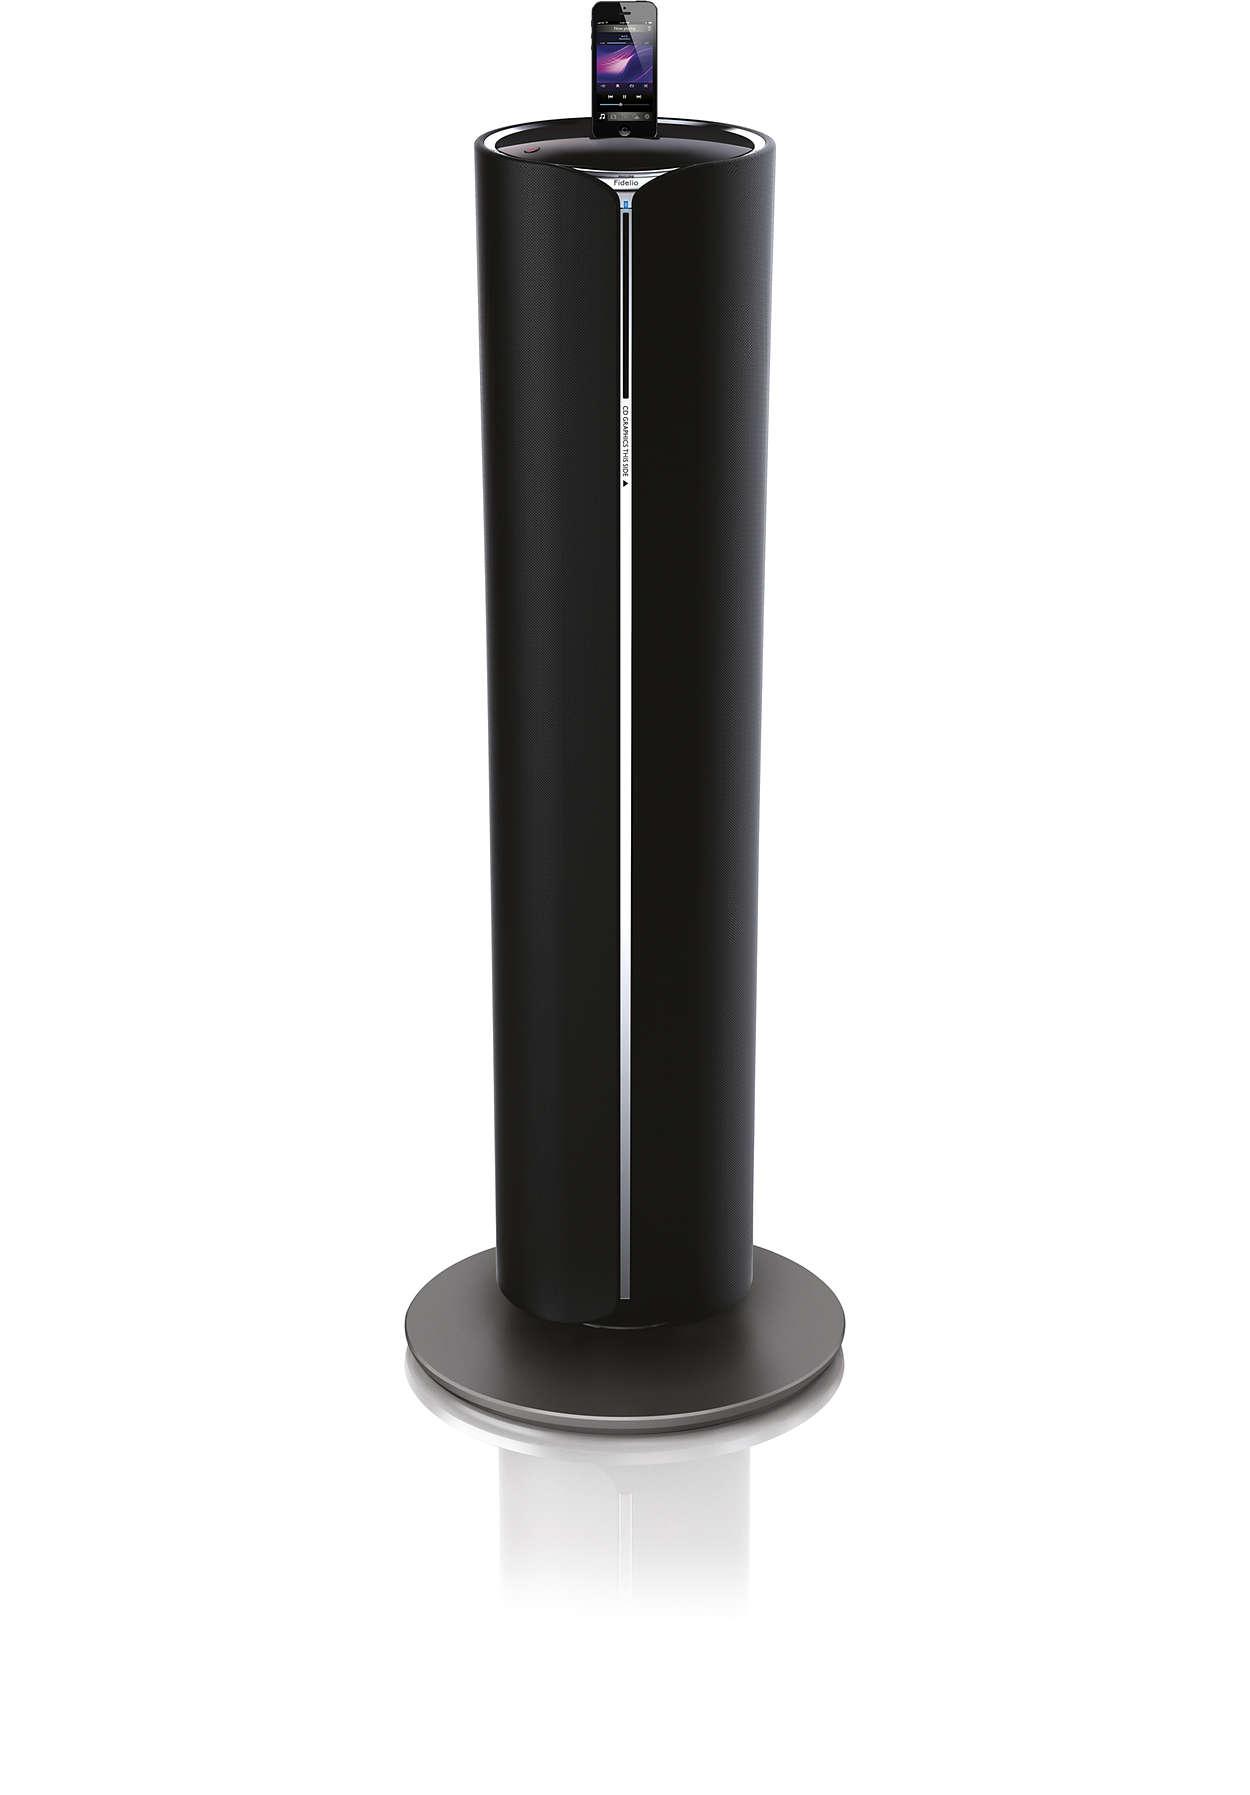 docking soundsystem dtm5095 12 fidelio. Black Bedroom Furniture Sets. Home Design Ideas